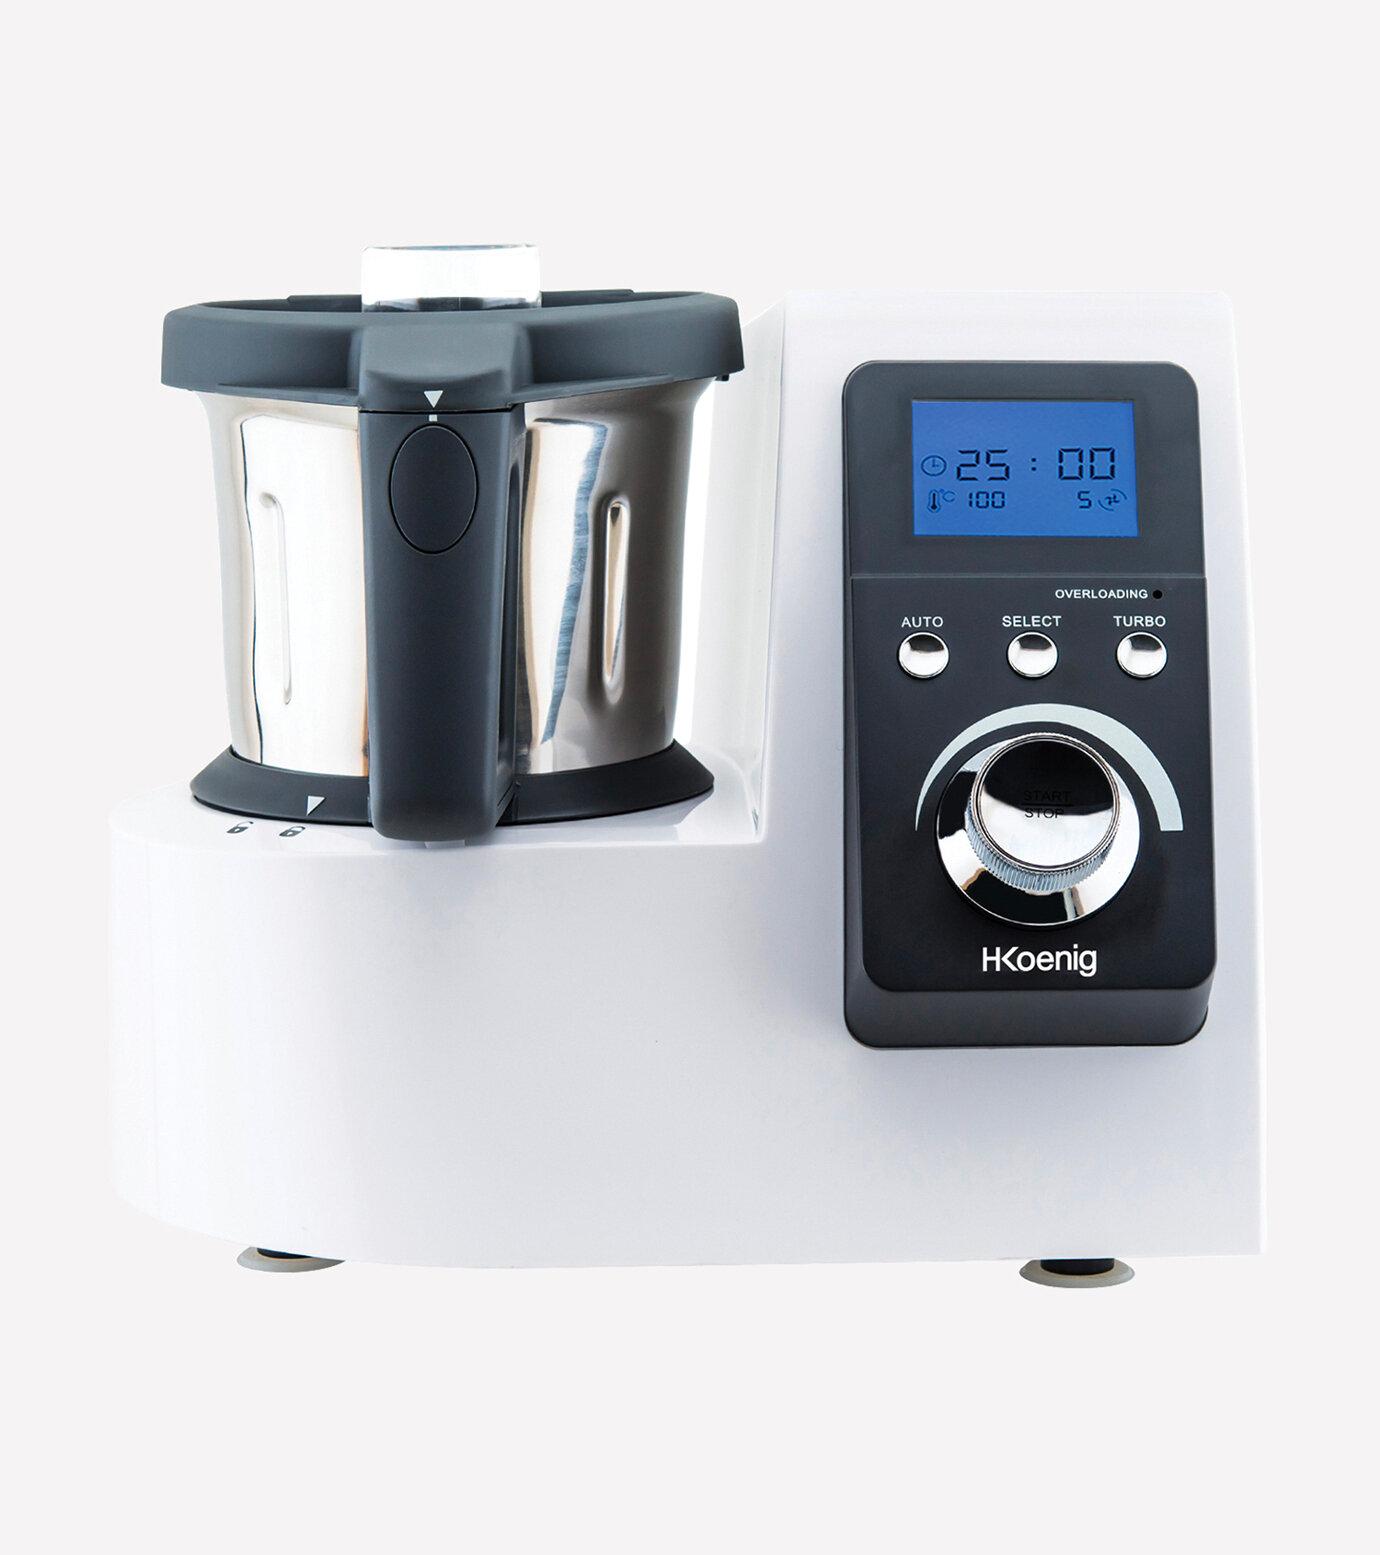 I nostri prodotti robot da cucina koenig it - Robot per cucinare e cuocere ...